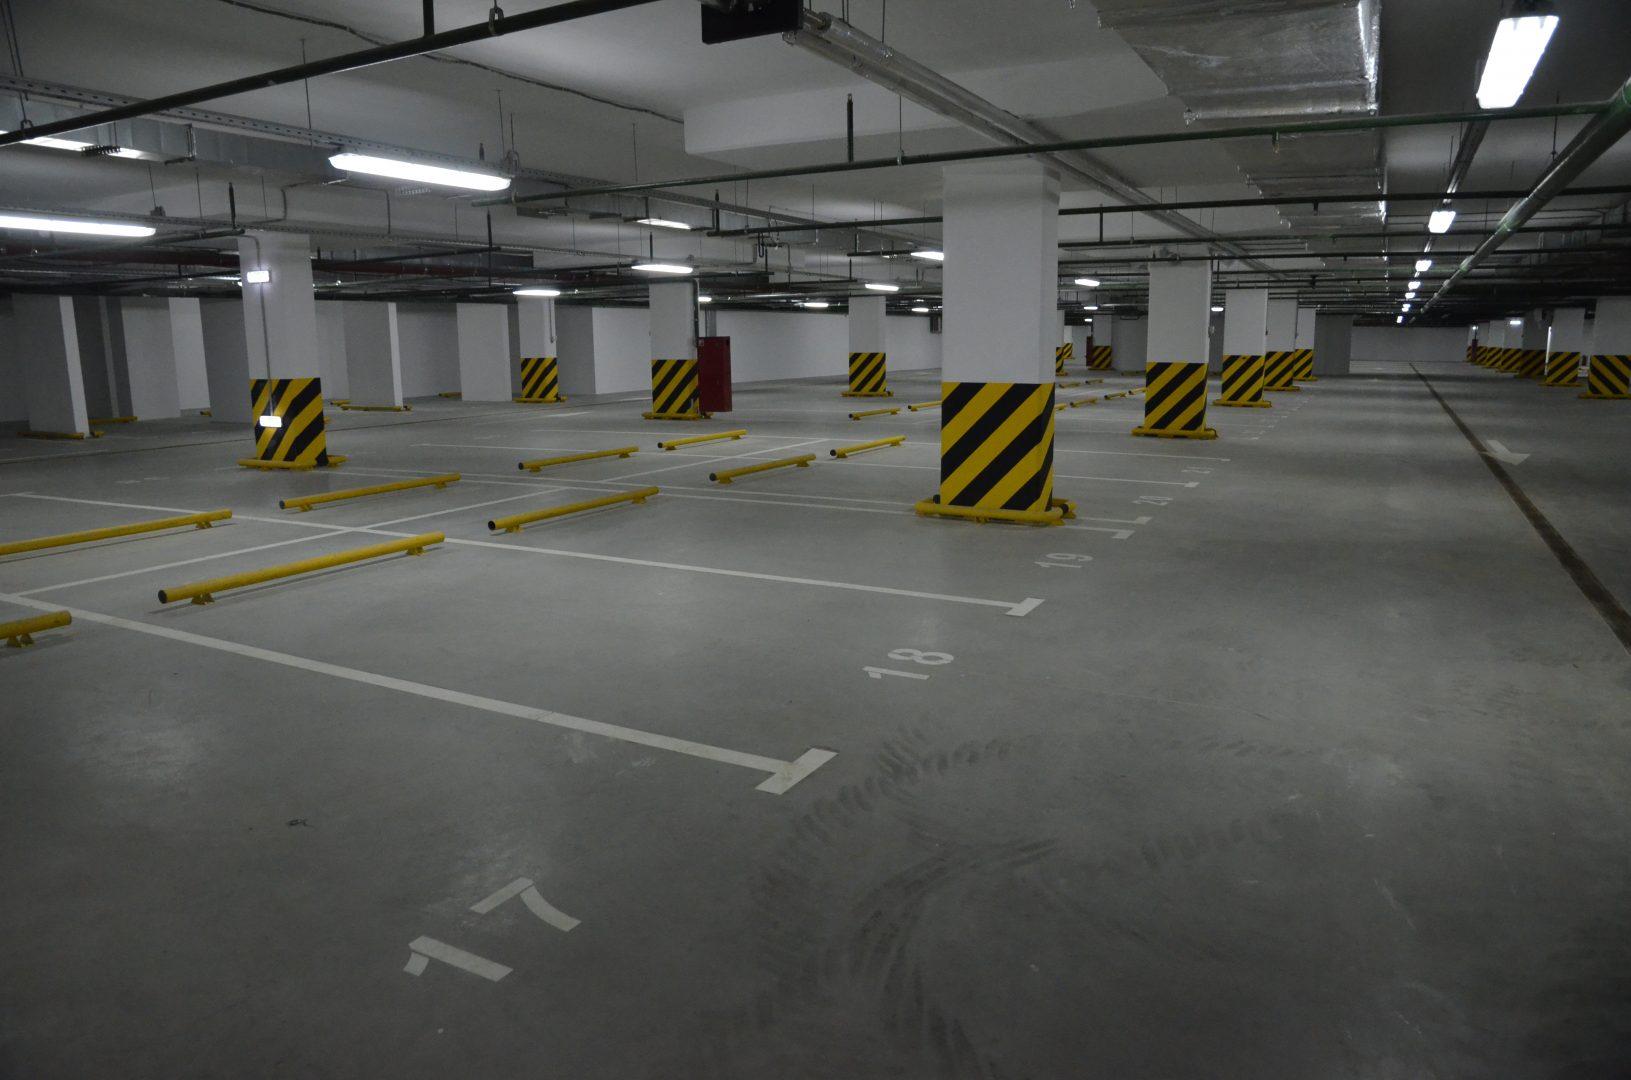 Новые парковочные комплексы появятся в Троицком и Новомосковском административных округах. Фото: Анна Быкова